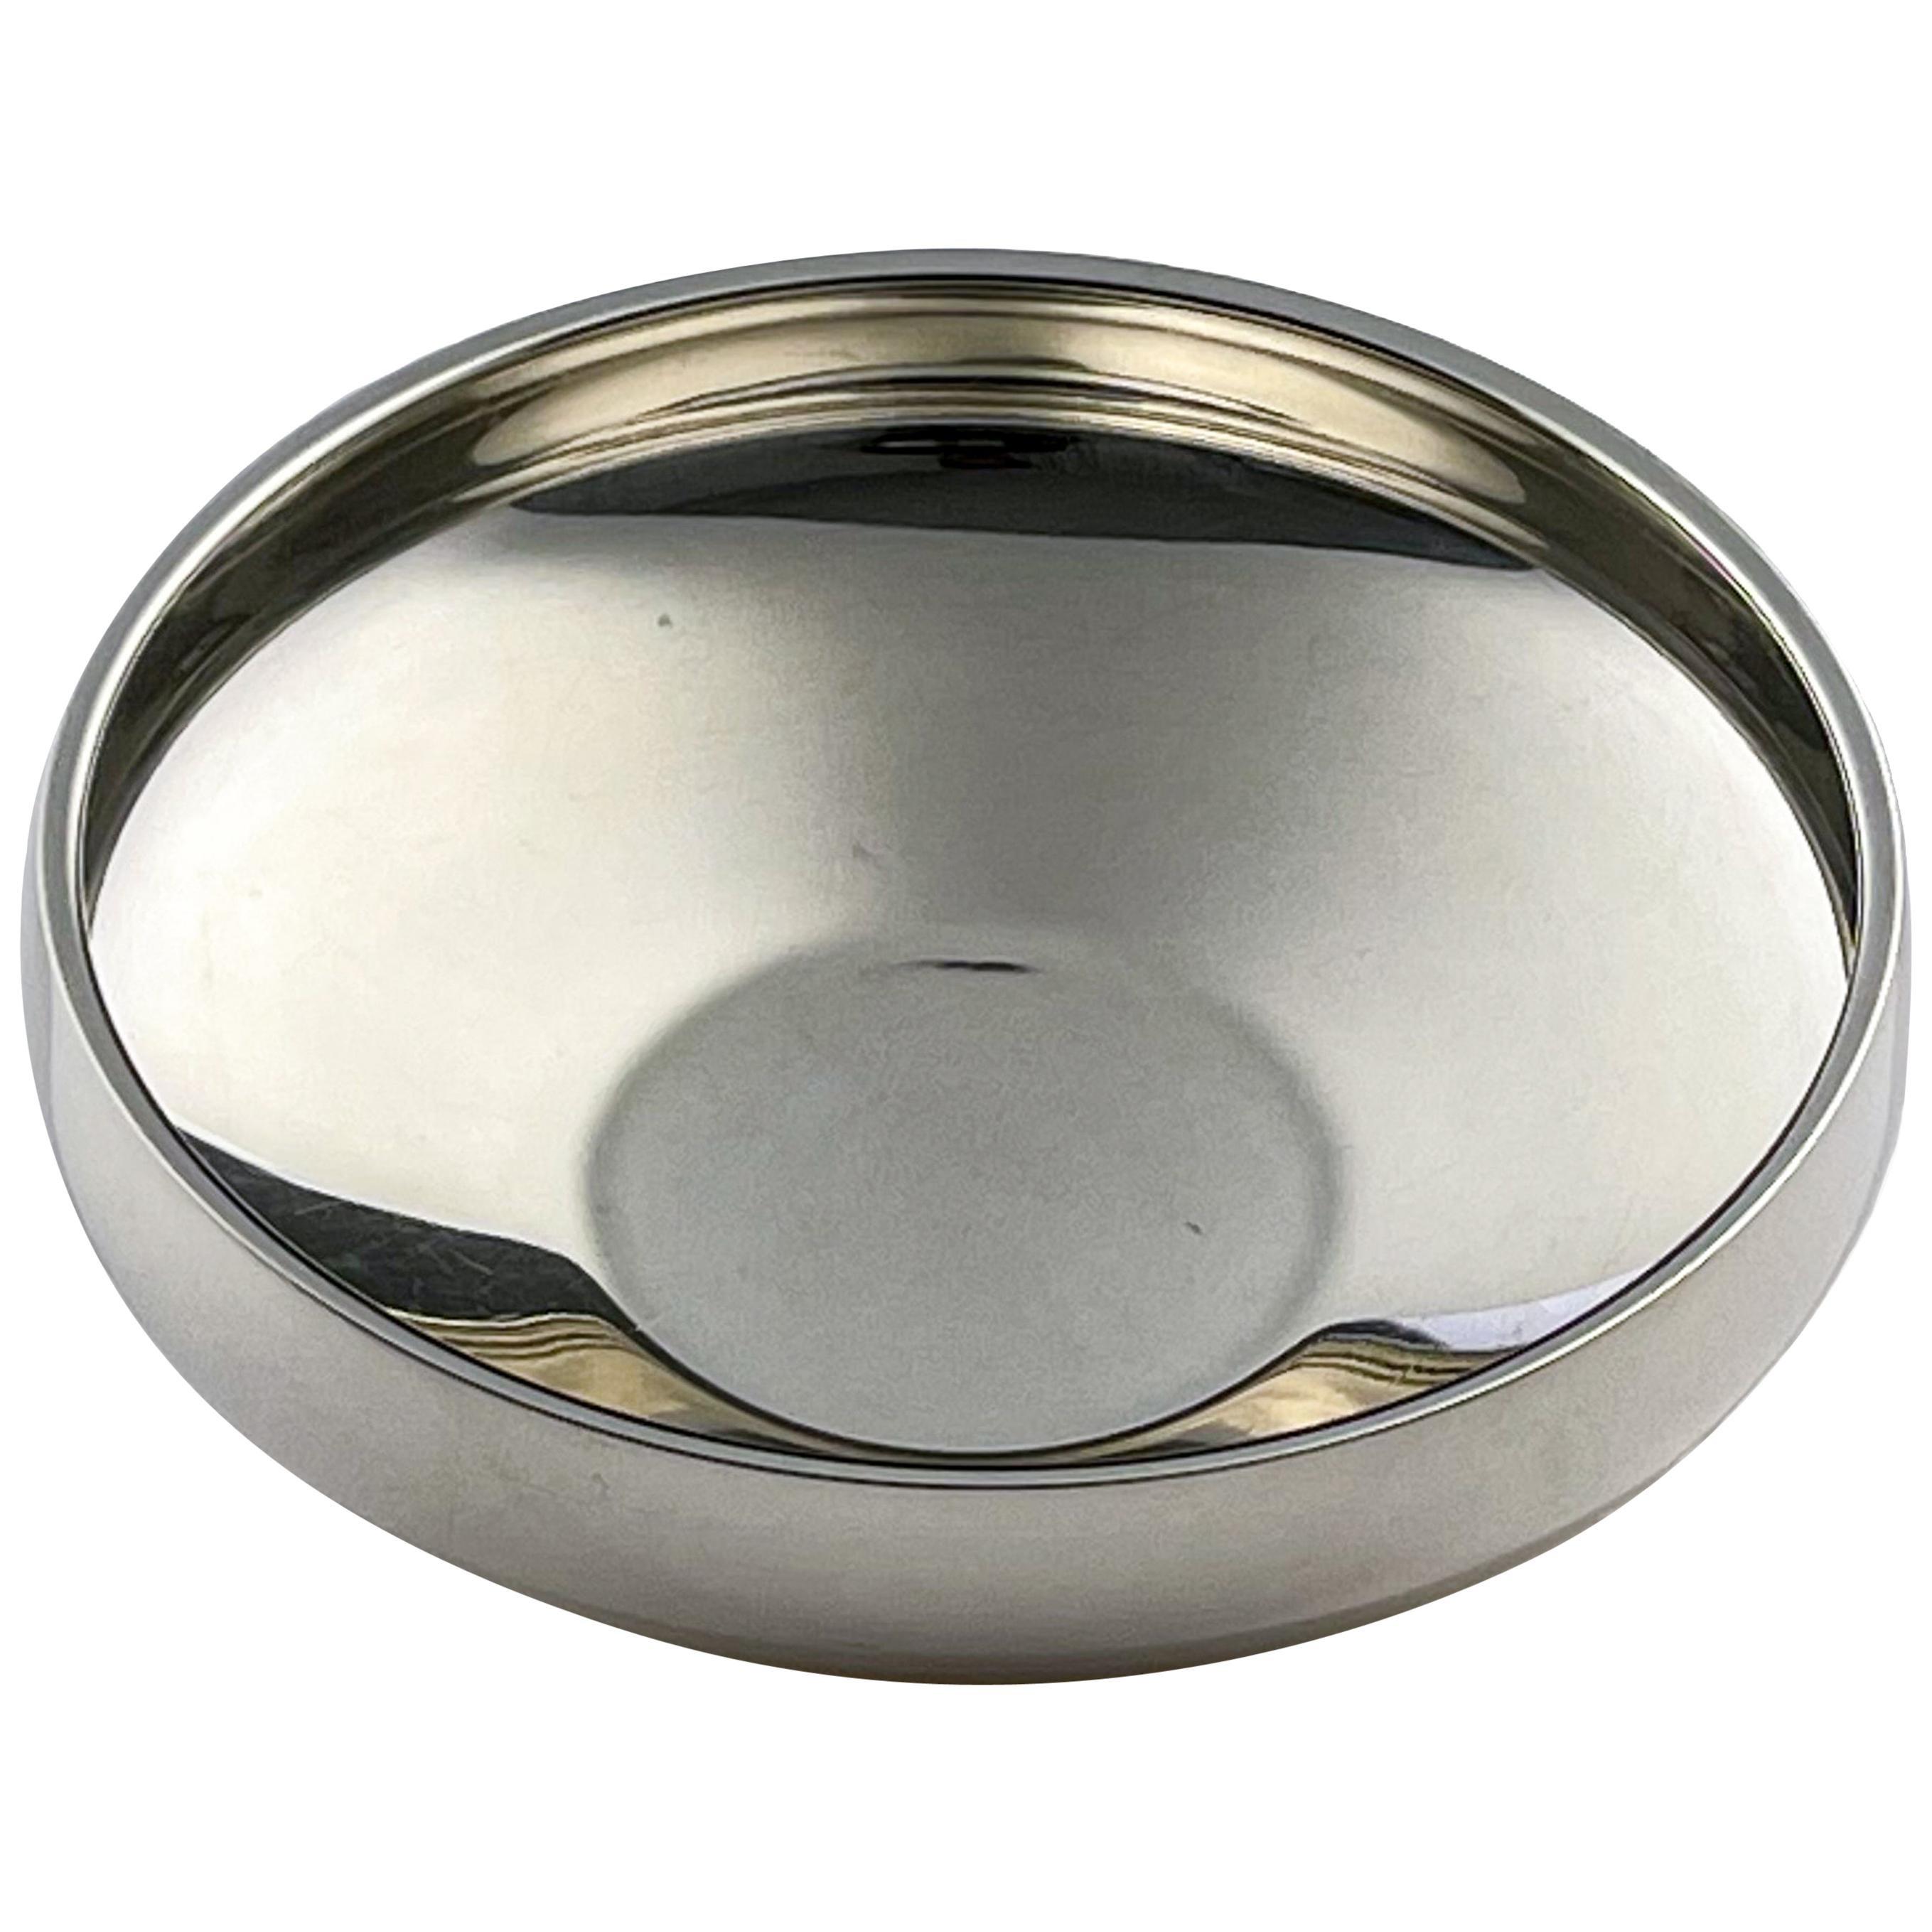 Henning Koppel, a Sterling Silver Dish, Model 1132 B, Georg Jensen, Copenhagen